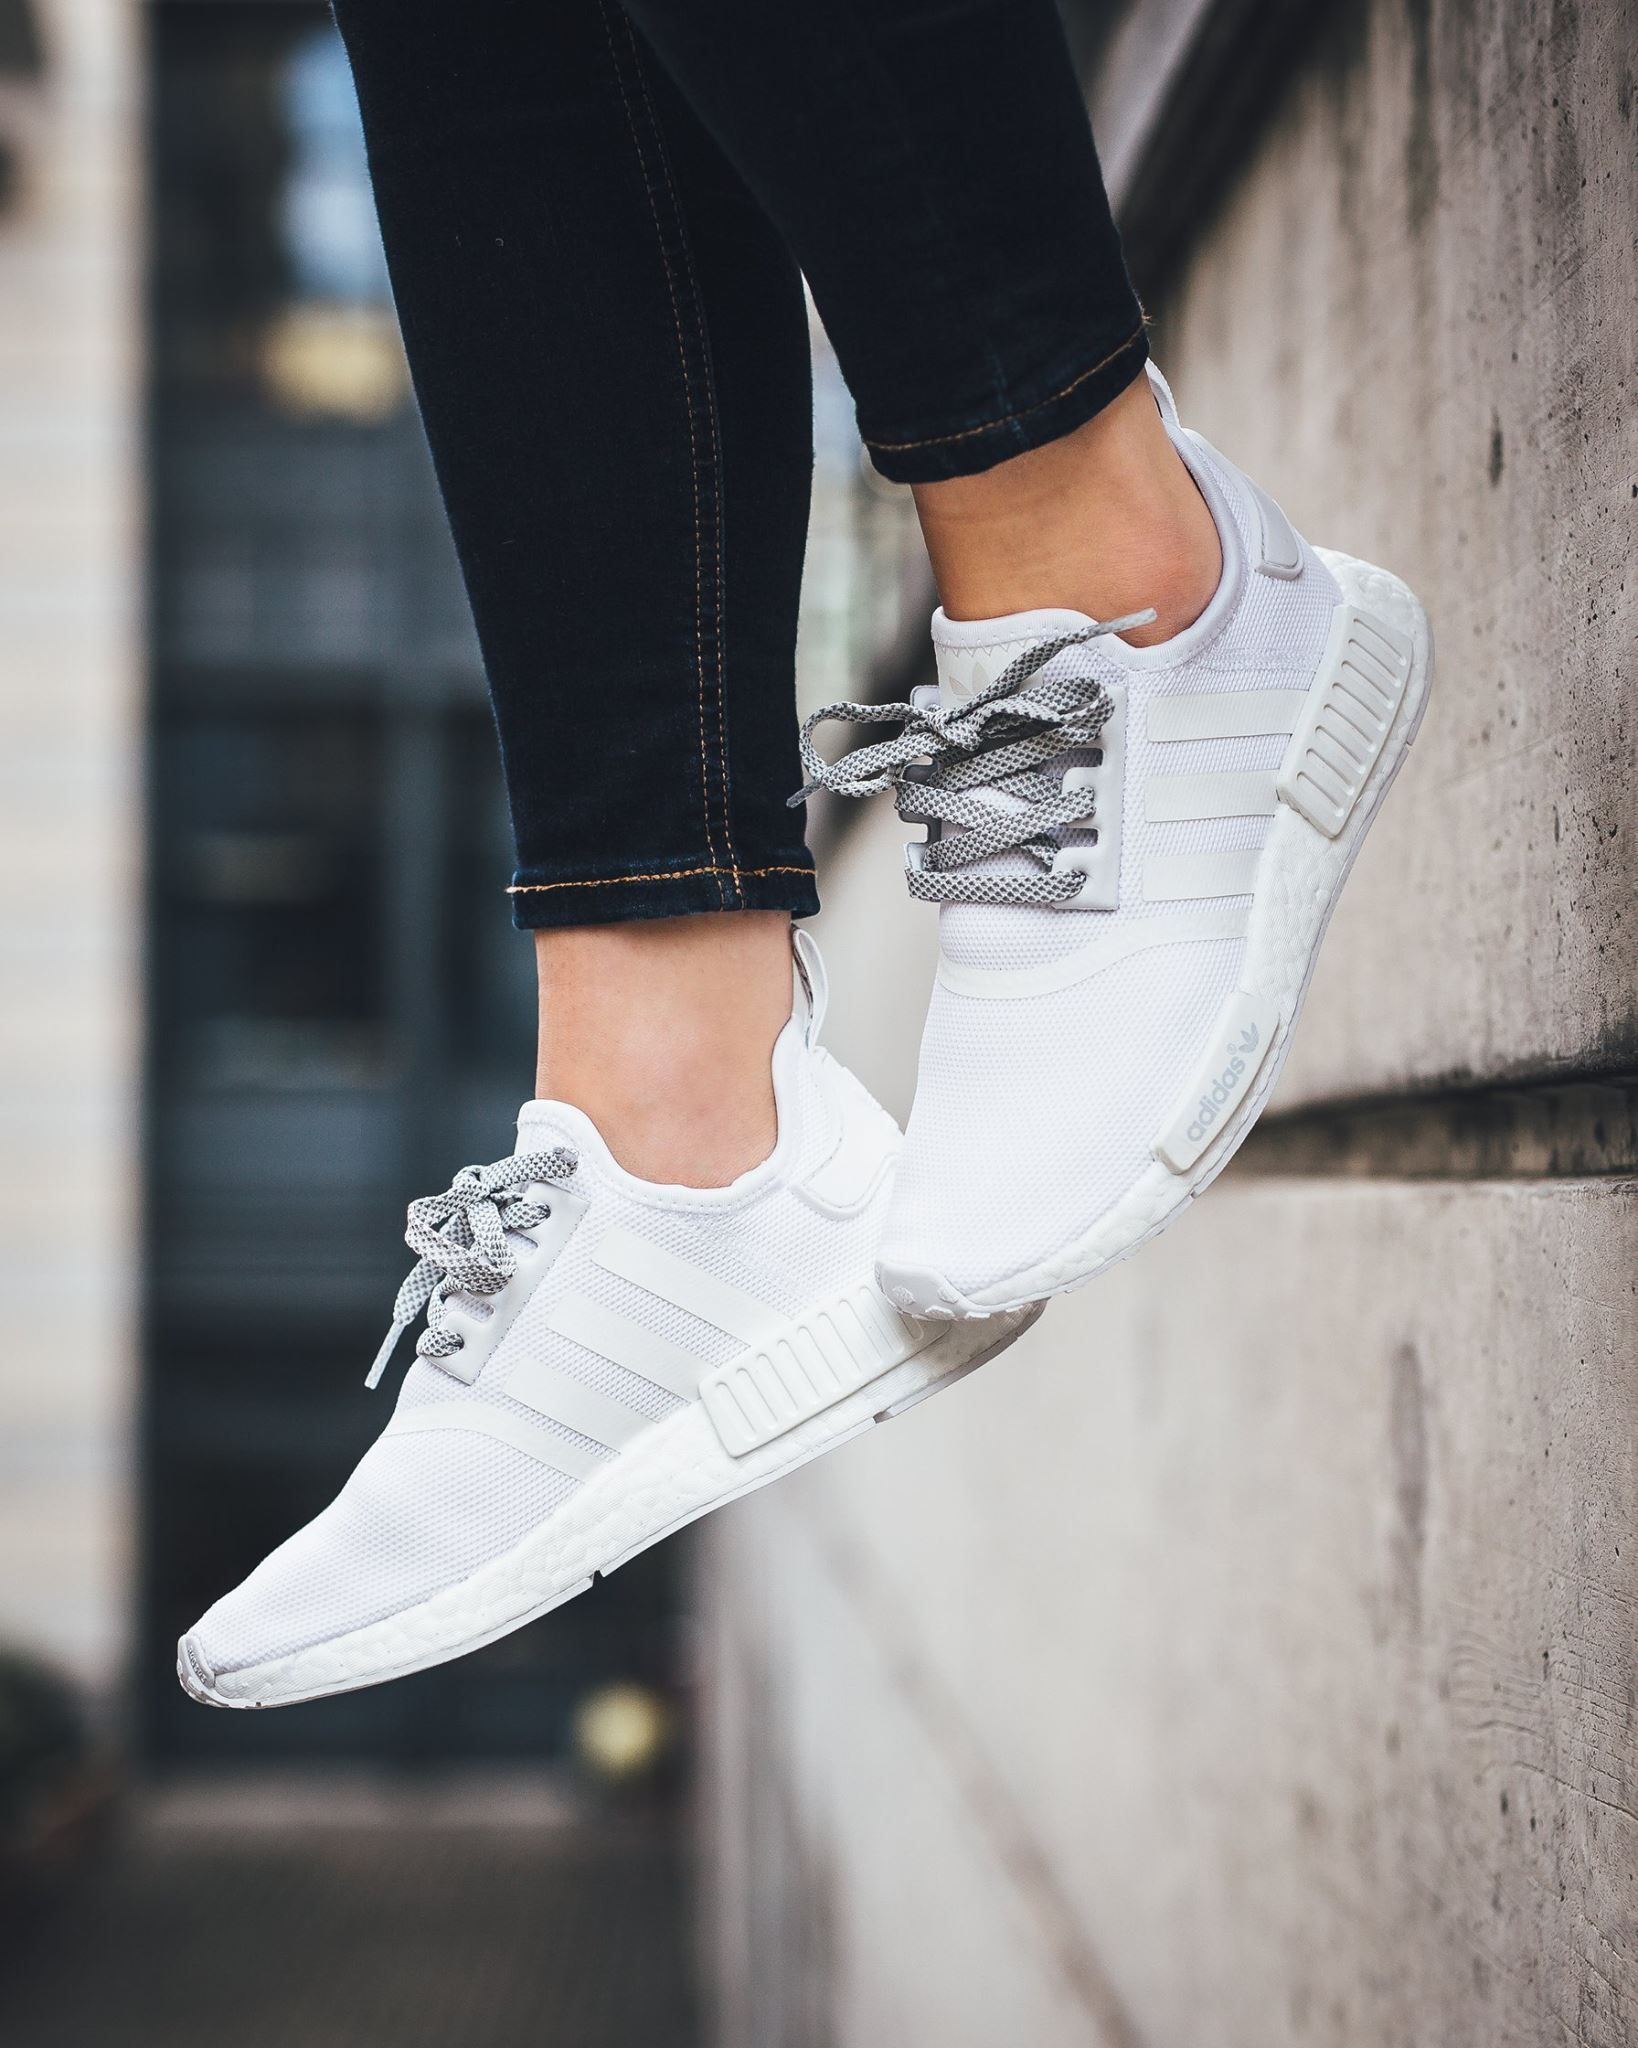 Fashion Shoes Adidas on in 2020 Adidas women, Adidas